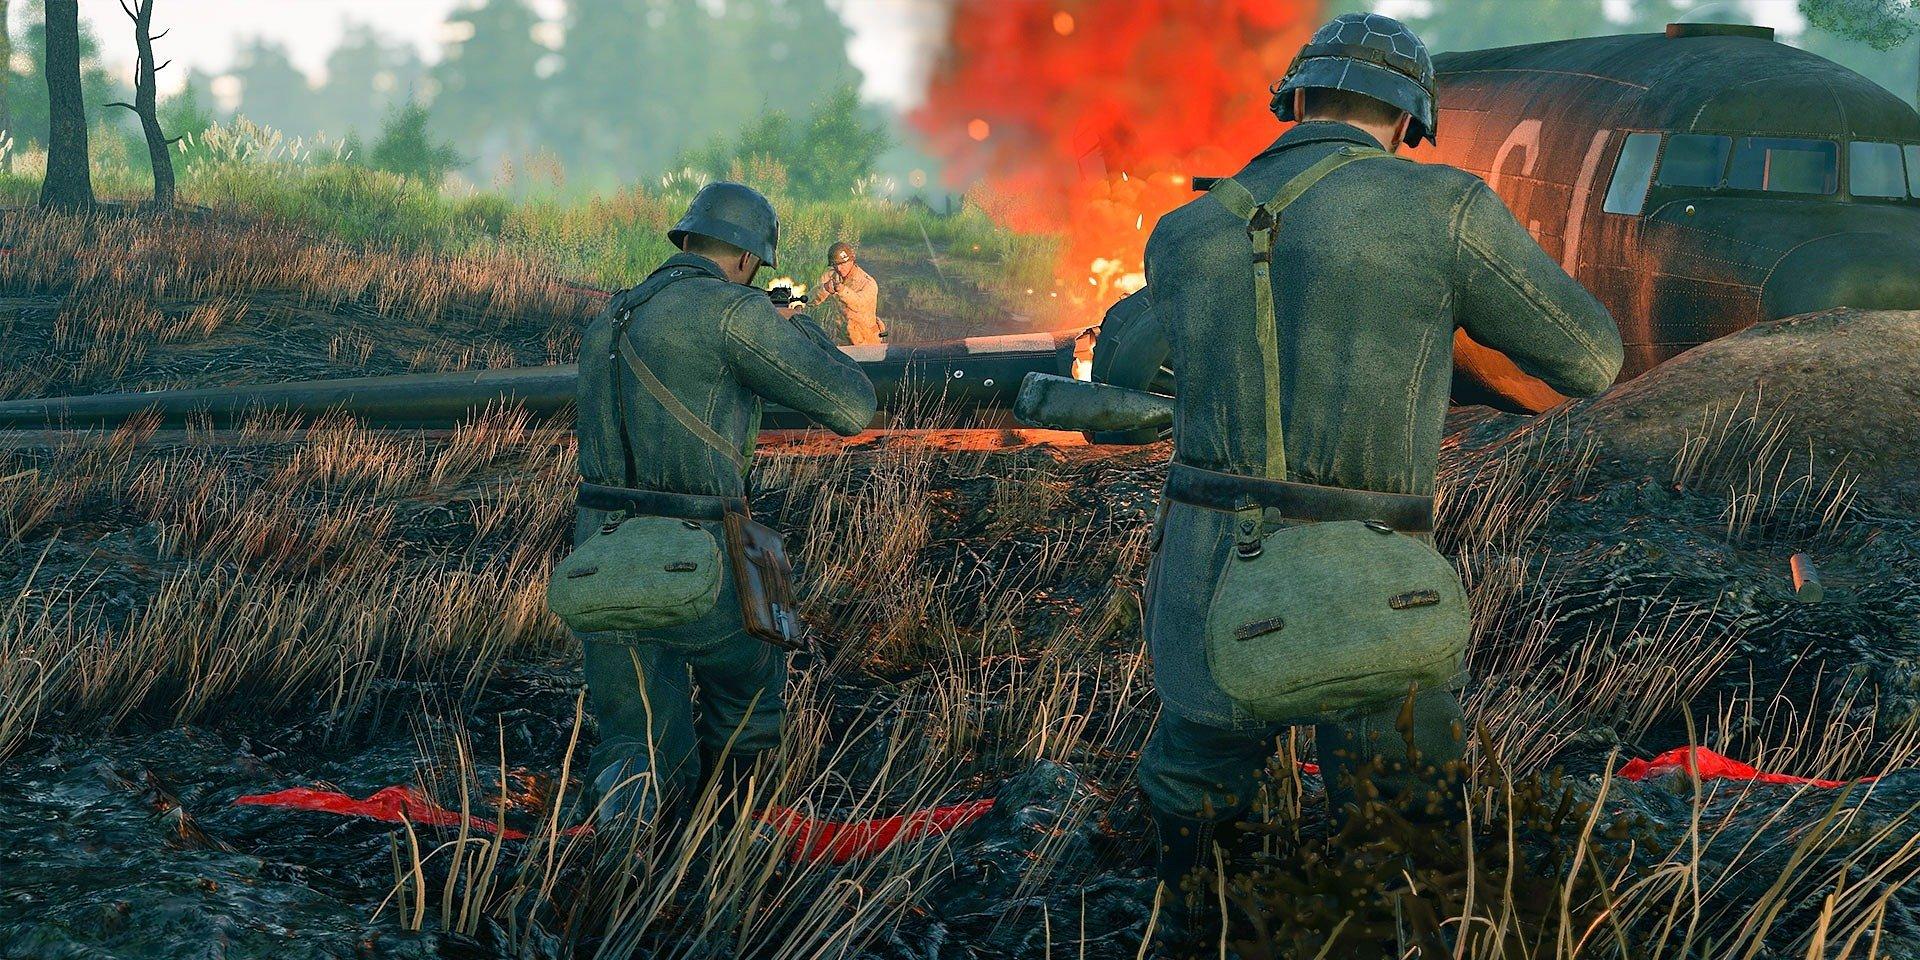 """Egy új """"Invasion of Normandy"""" kampány felkerül az Enlisted Játékba, és a PlayStation 5-en is elérhető lesz"""